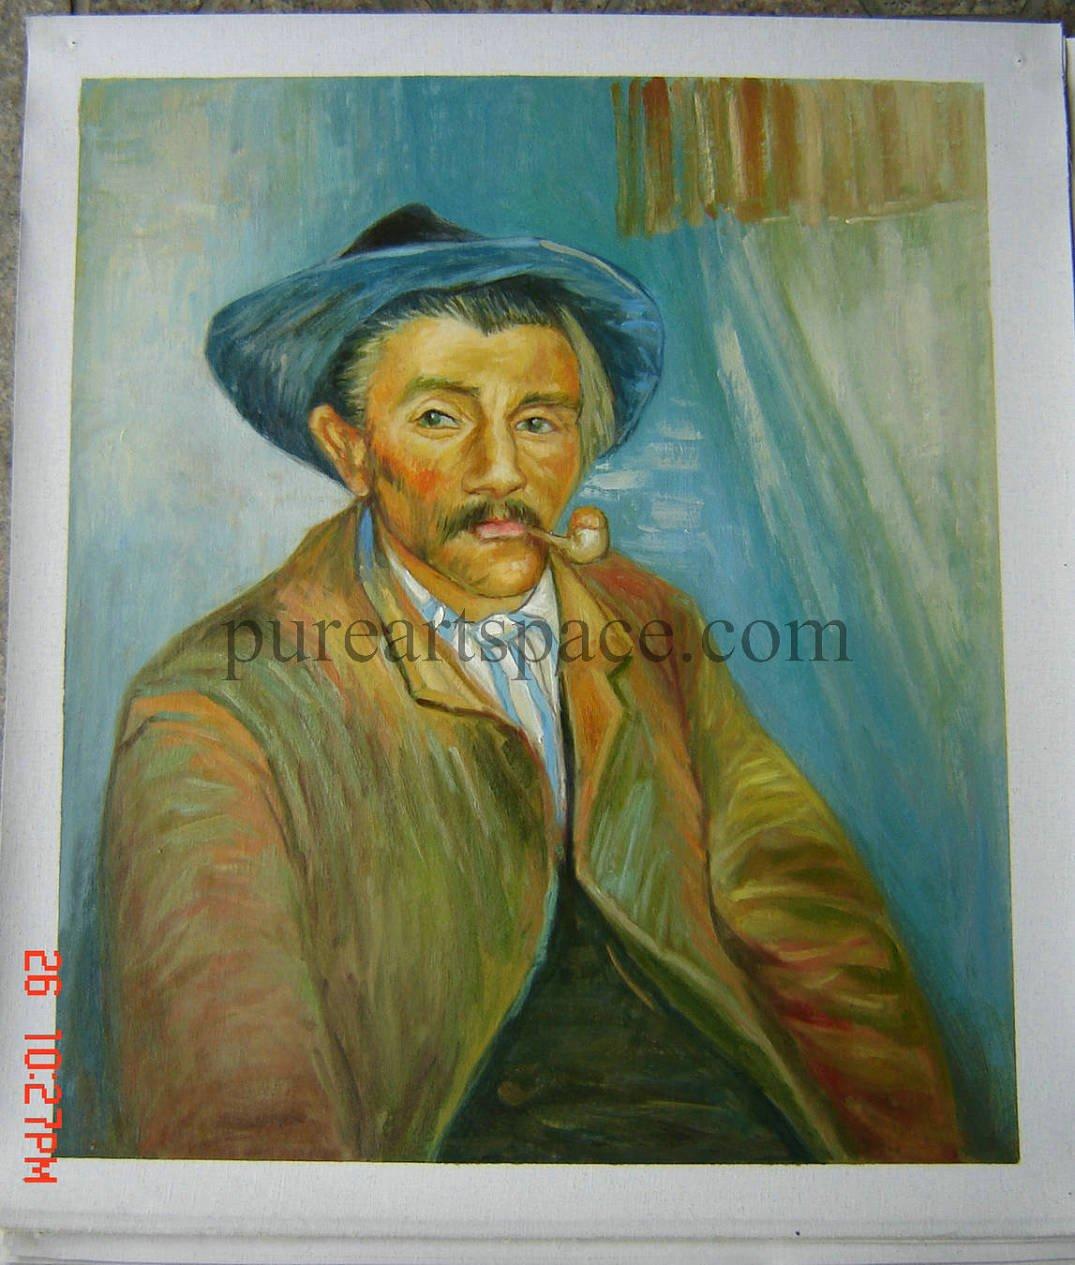 Van gogh peinture l 39 huile promotion achetez des van gogh peinture l 39 huile promotionnels sur - Peinture a l huile van gogh ...